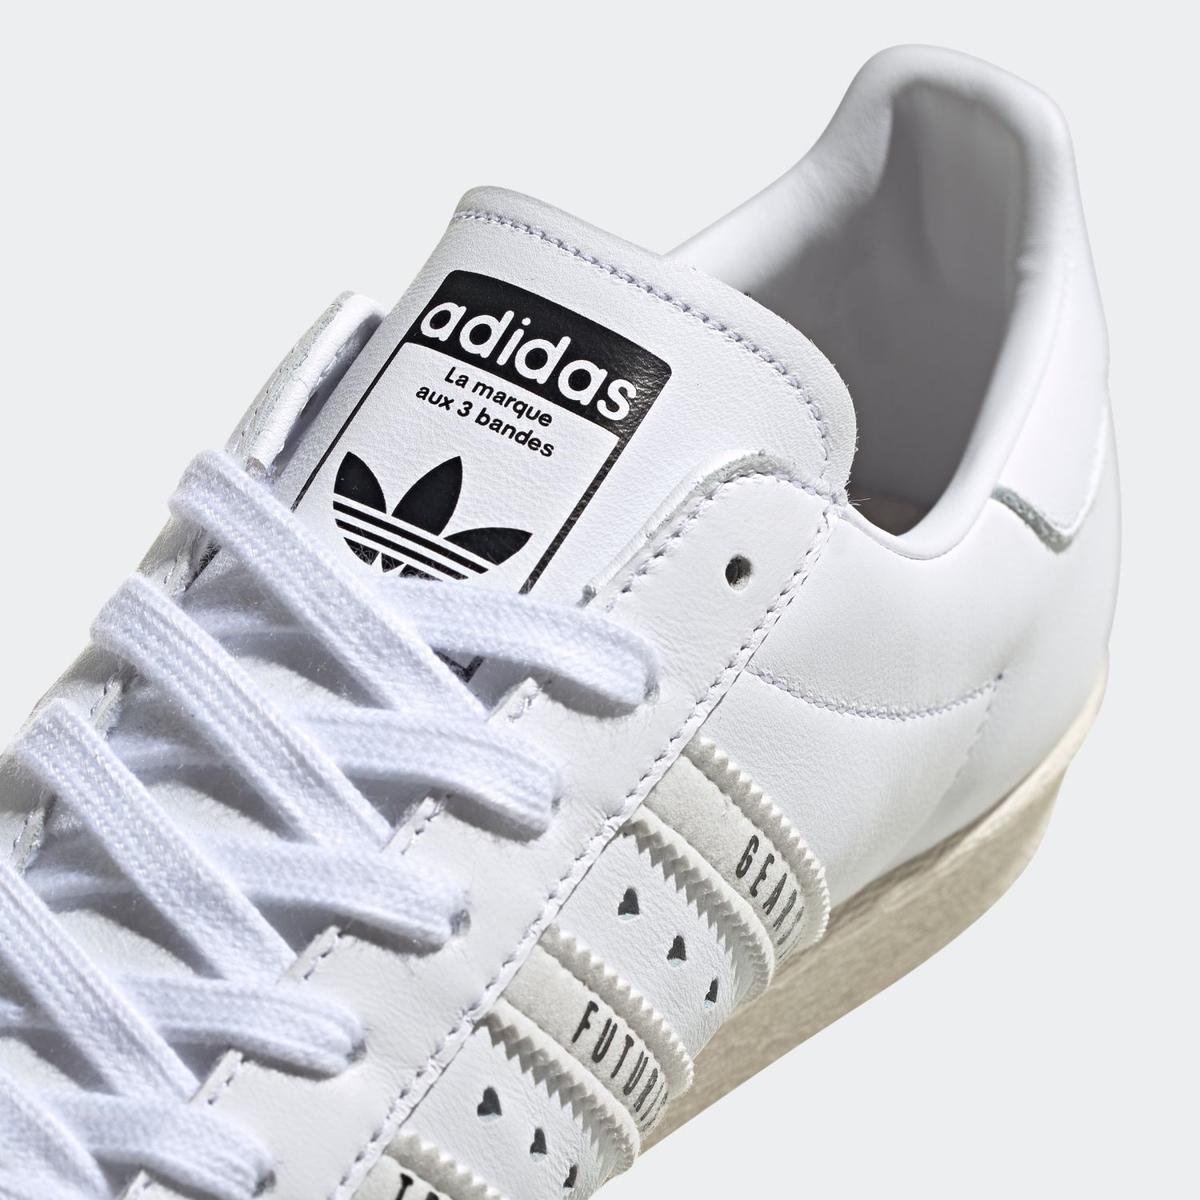 ADIDAS ORIGINALS SUPERSTAR 80S HUMAN MADE FOOTWEAR WHITE アディダス オリジナルス スーパースター 80S ヒューマンメイド ホワイト FY0730